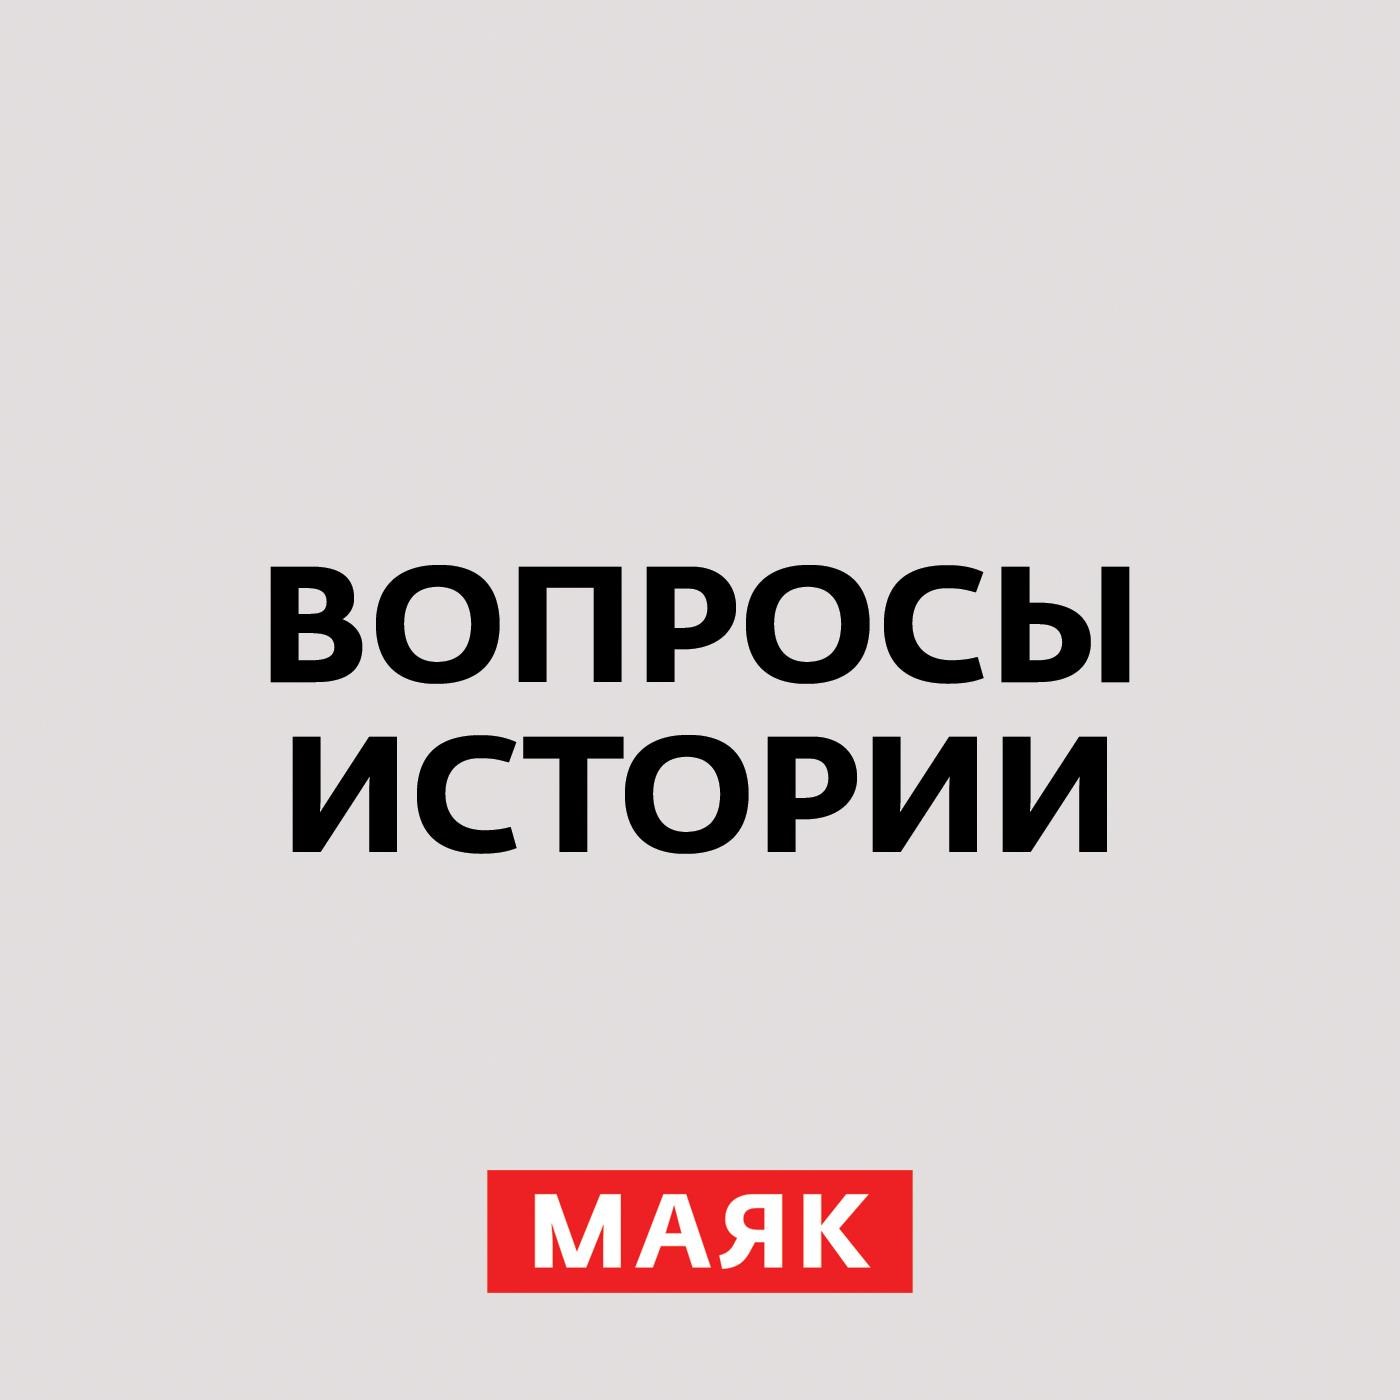 Андрей Светенко Октябрь 41-го года: паника в Москве. Часть 3 гинкобелоба кустарник в москве